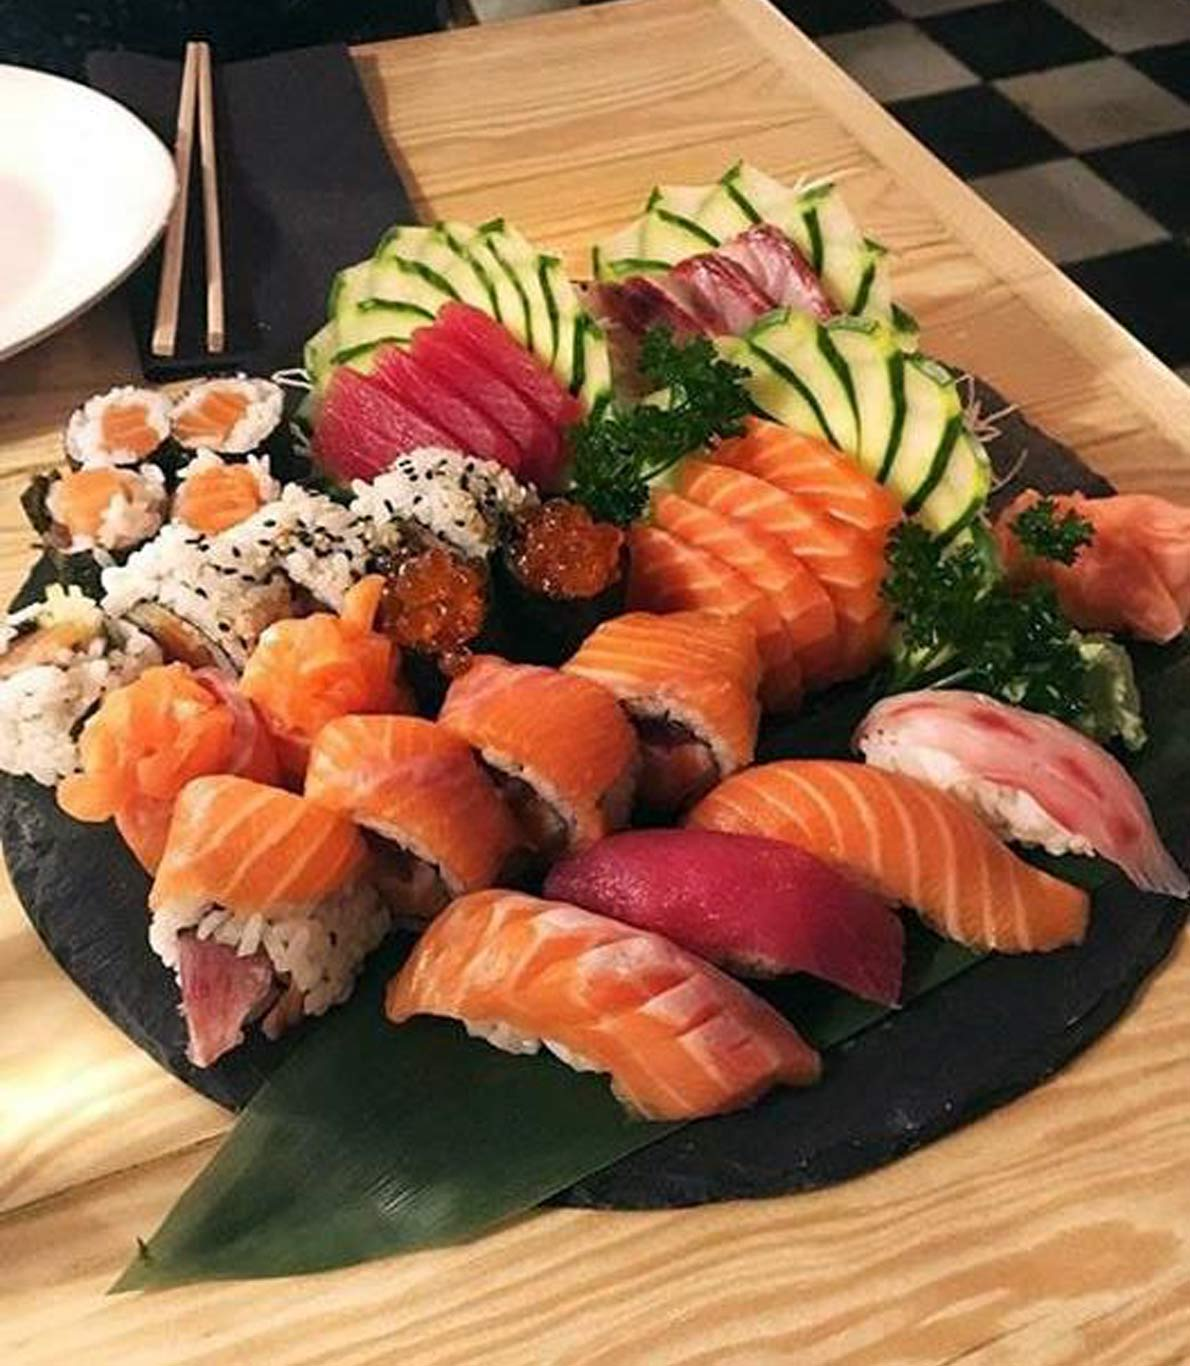 Menu de almoço do Sushi dos Sá Morais.